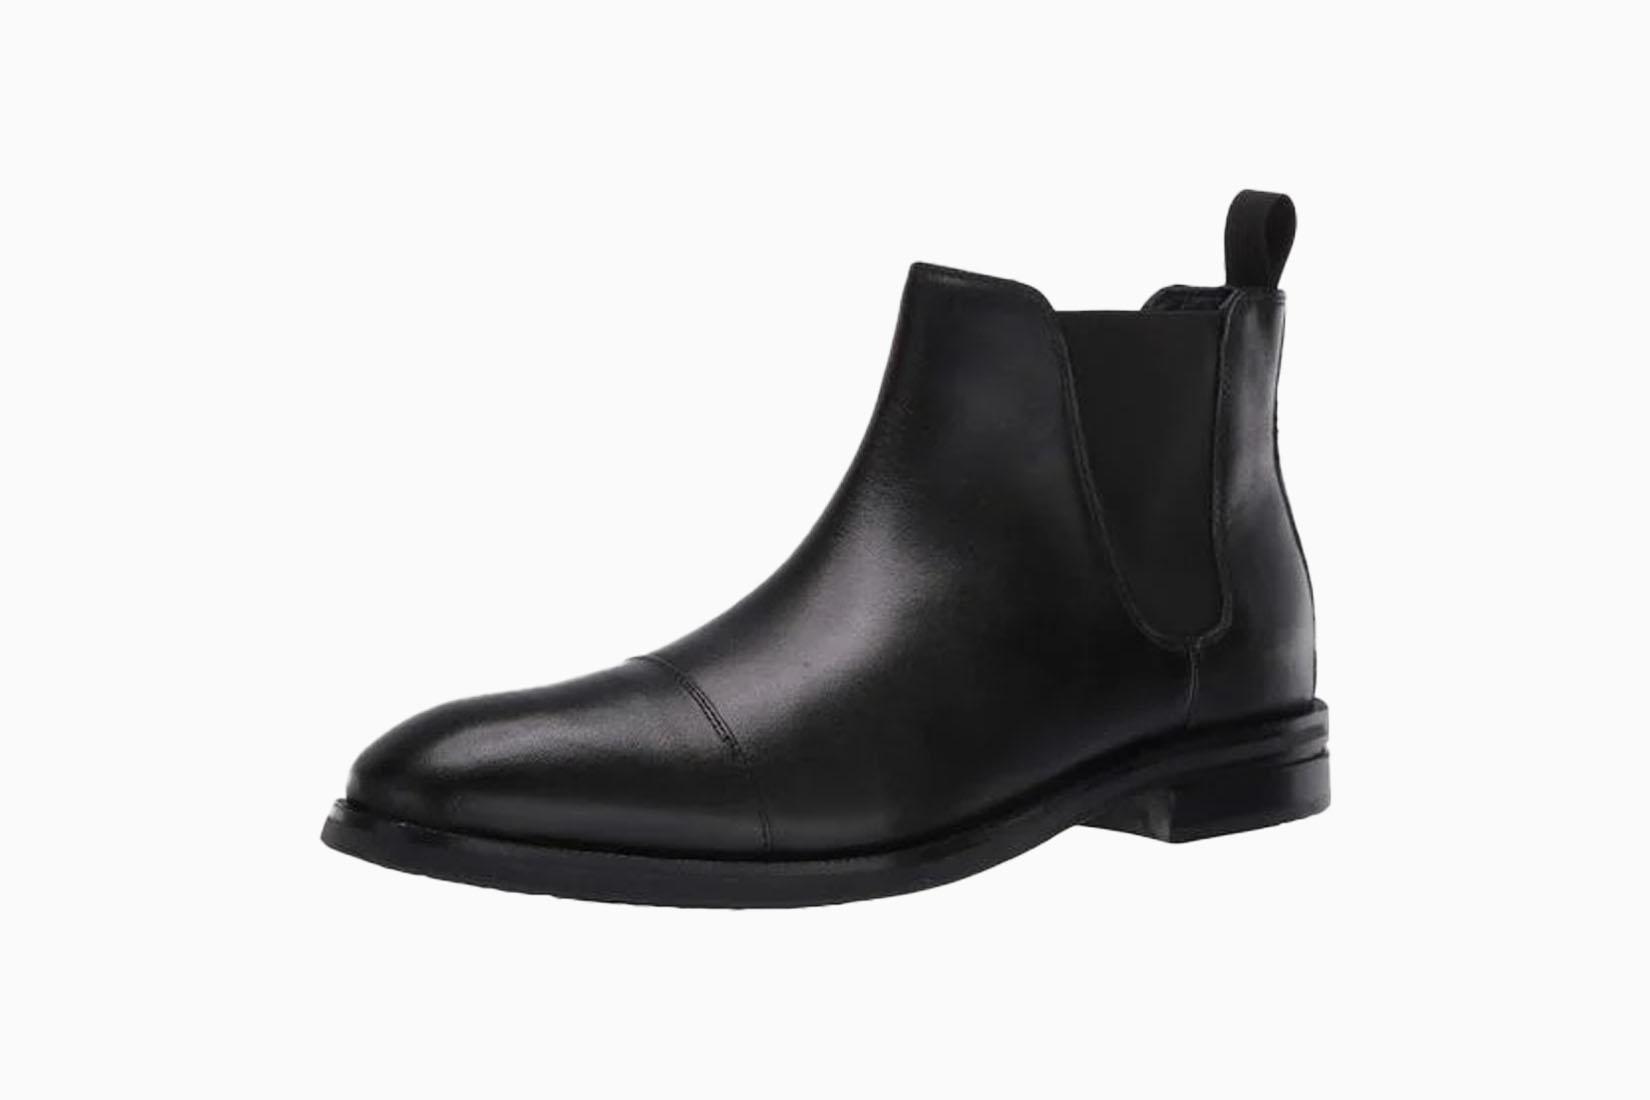 best waterproof shoes men cole haan review Luxe Digital